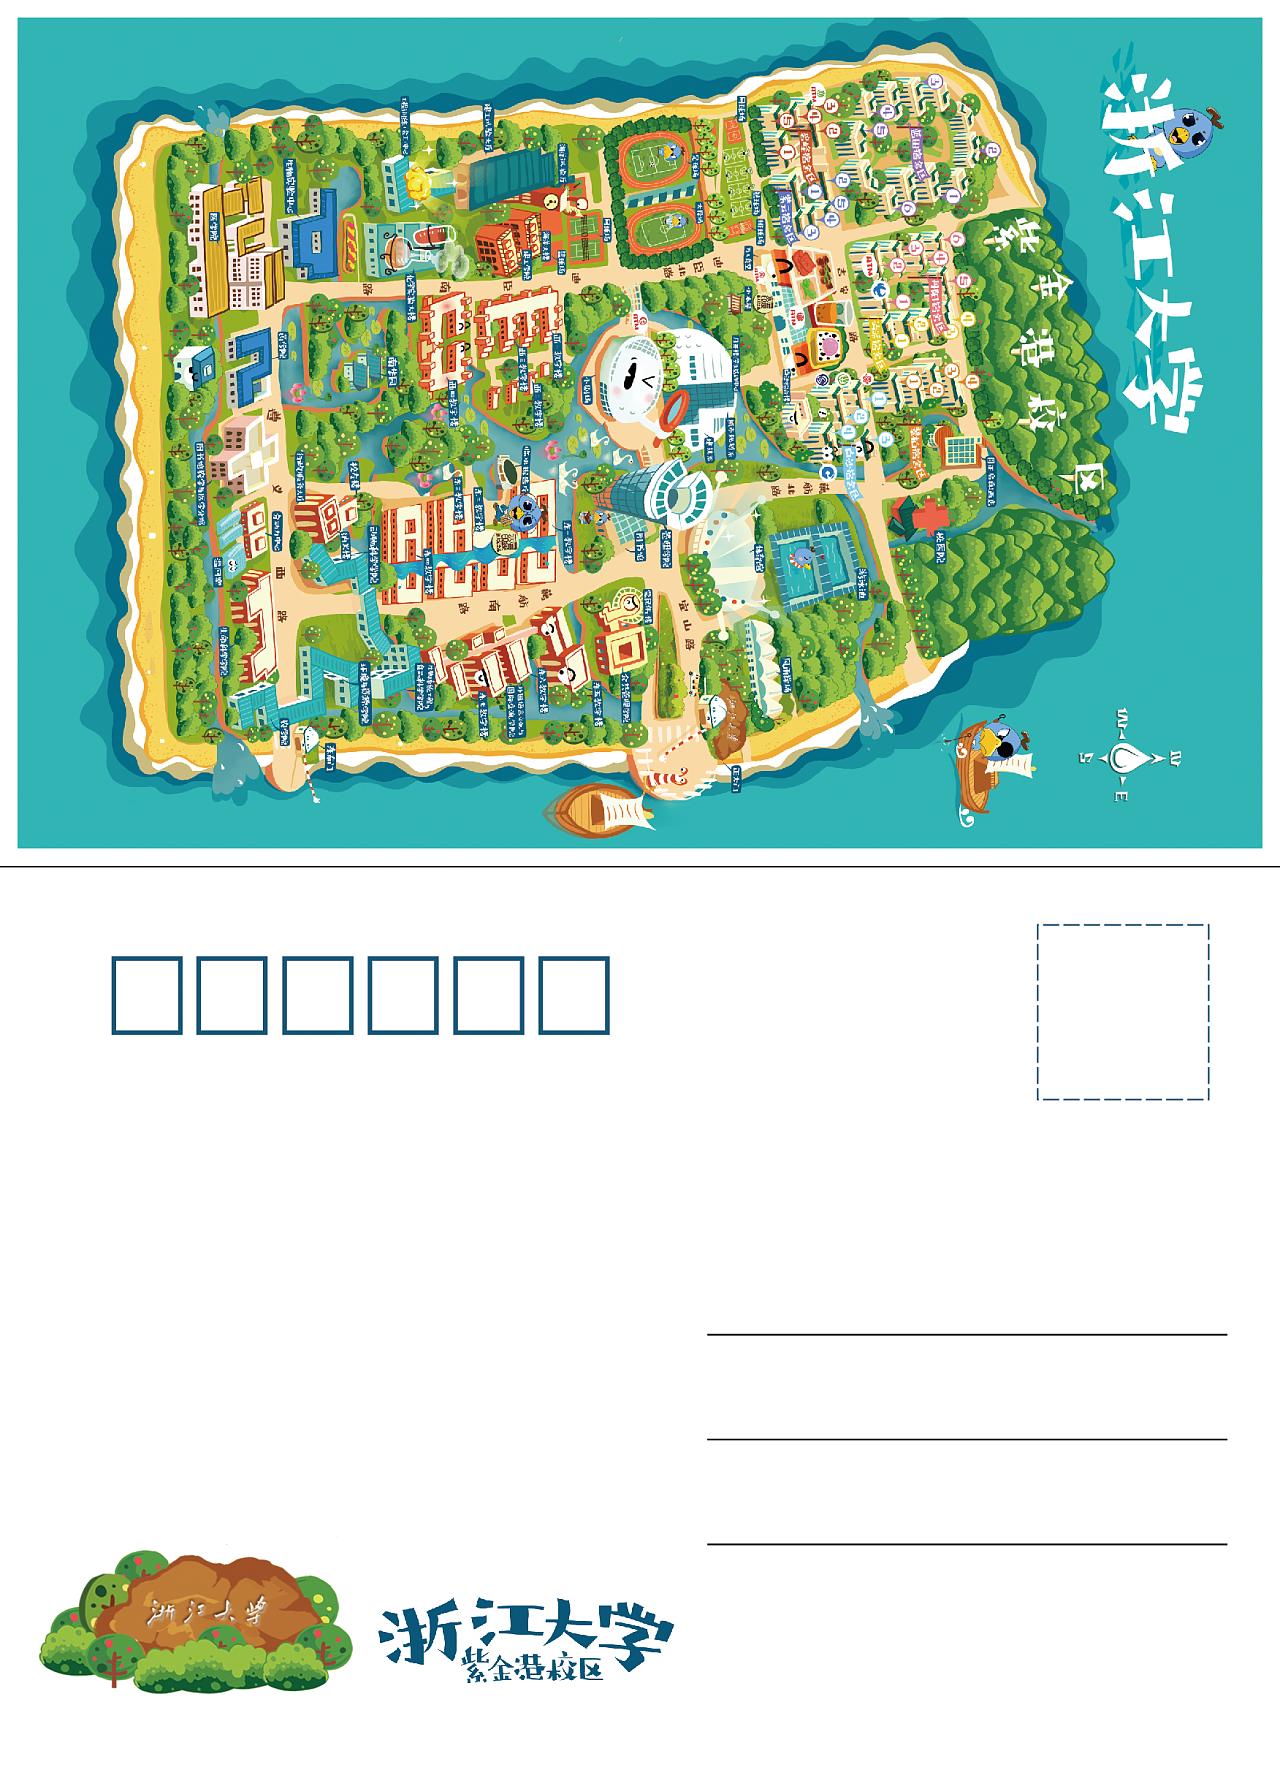 浙大手绘地图